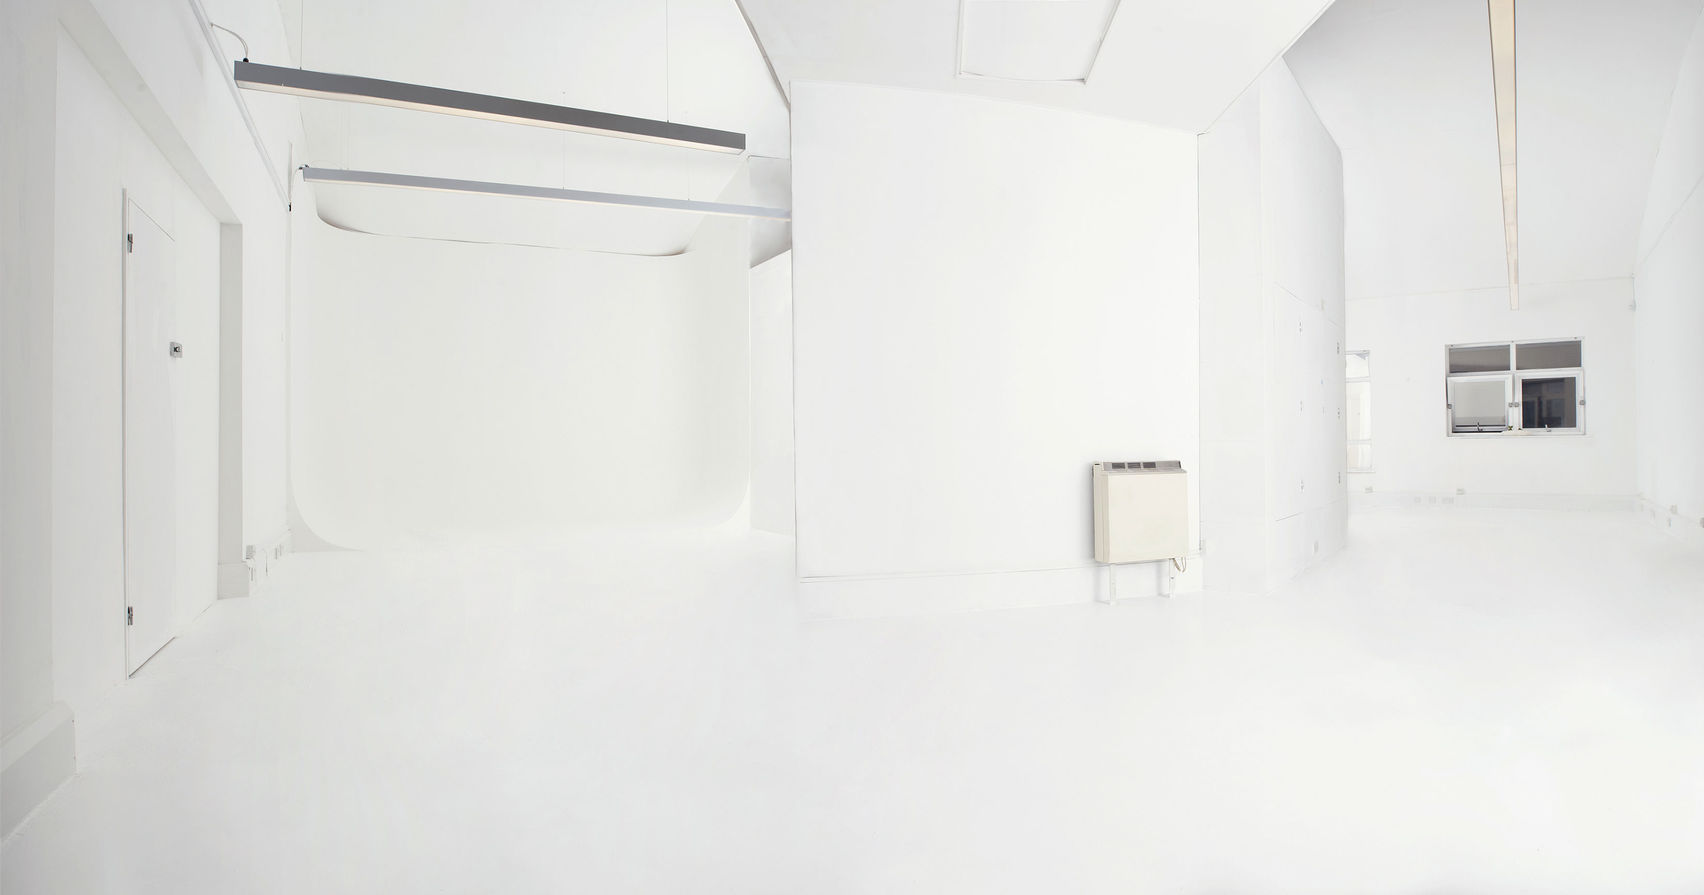 Studio 1, Putney Studio